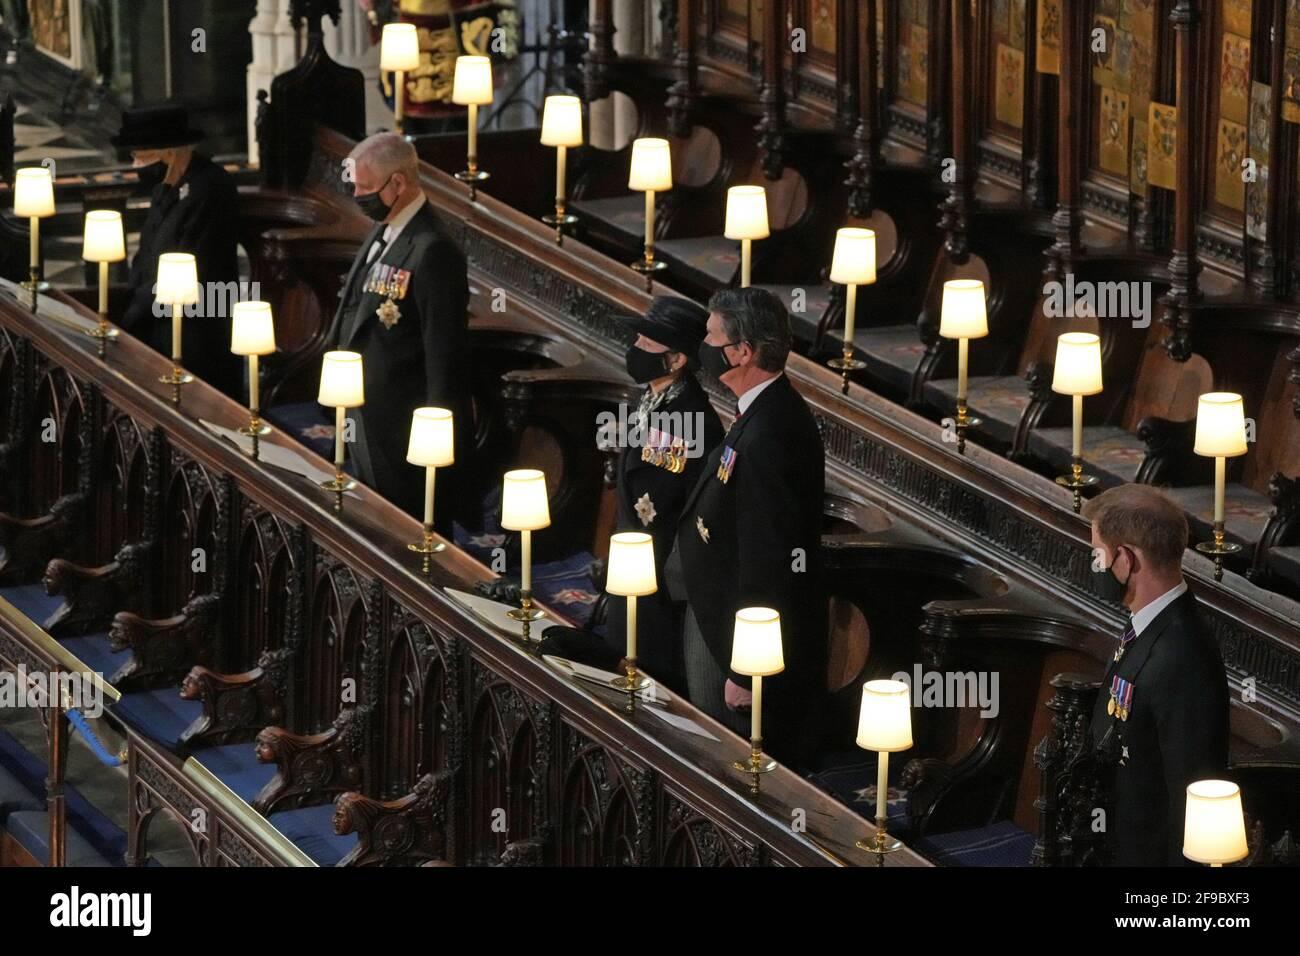 (De izquierda a derecha) Reina Isabel II , el Duque de York, la Princesa Real, el Vice Almirante Sir Timothy Laurence y el Duque de Sussex durante el funeral del Duque de Edimburgo en la Capilla de San Jorge, Castillo de Windsor, Berkshire. Fecha de la foto: Sábado 17 de abril de 2021. Foto de stock